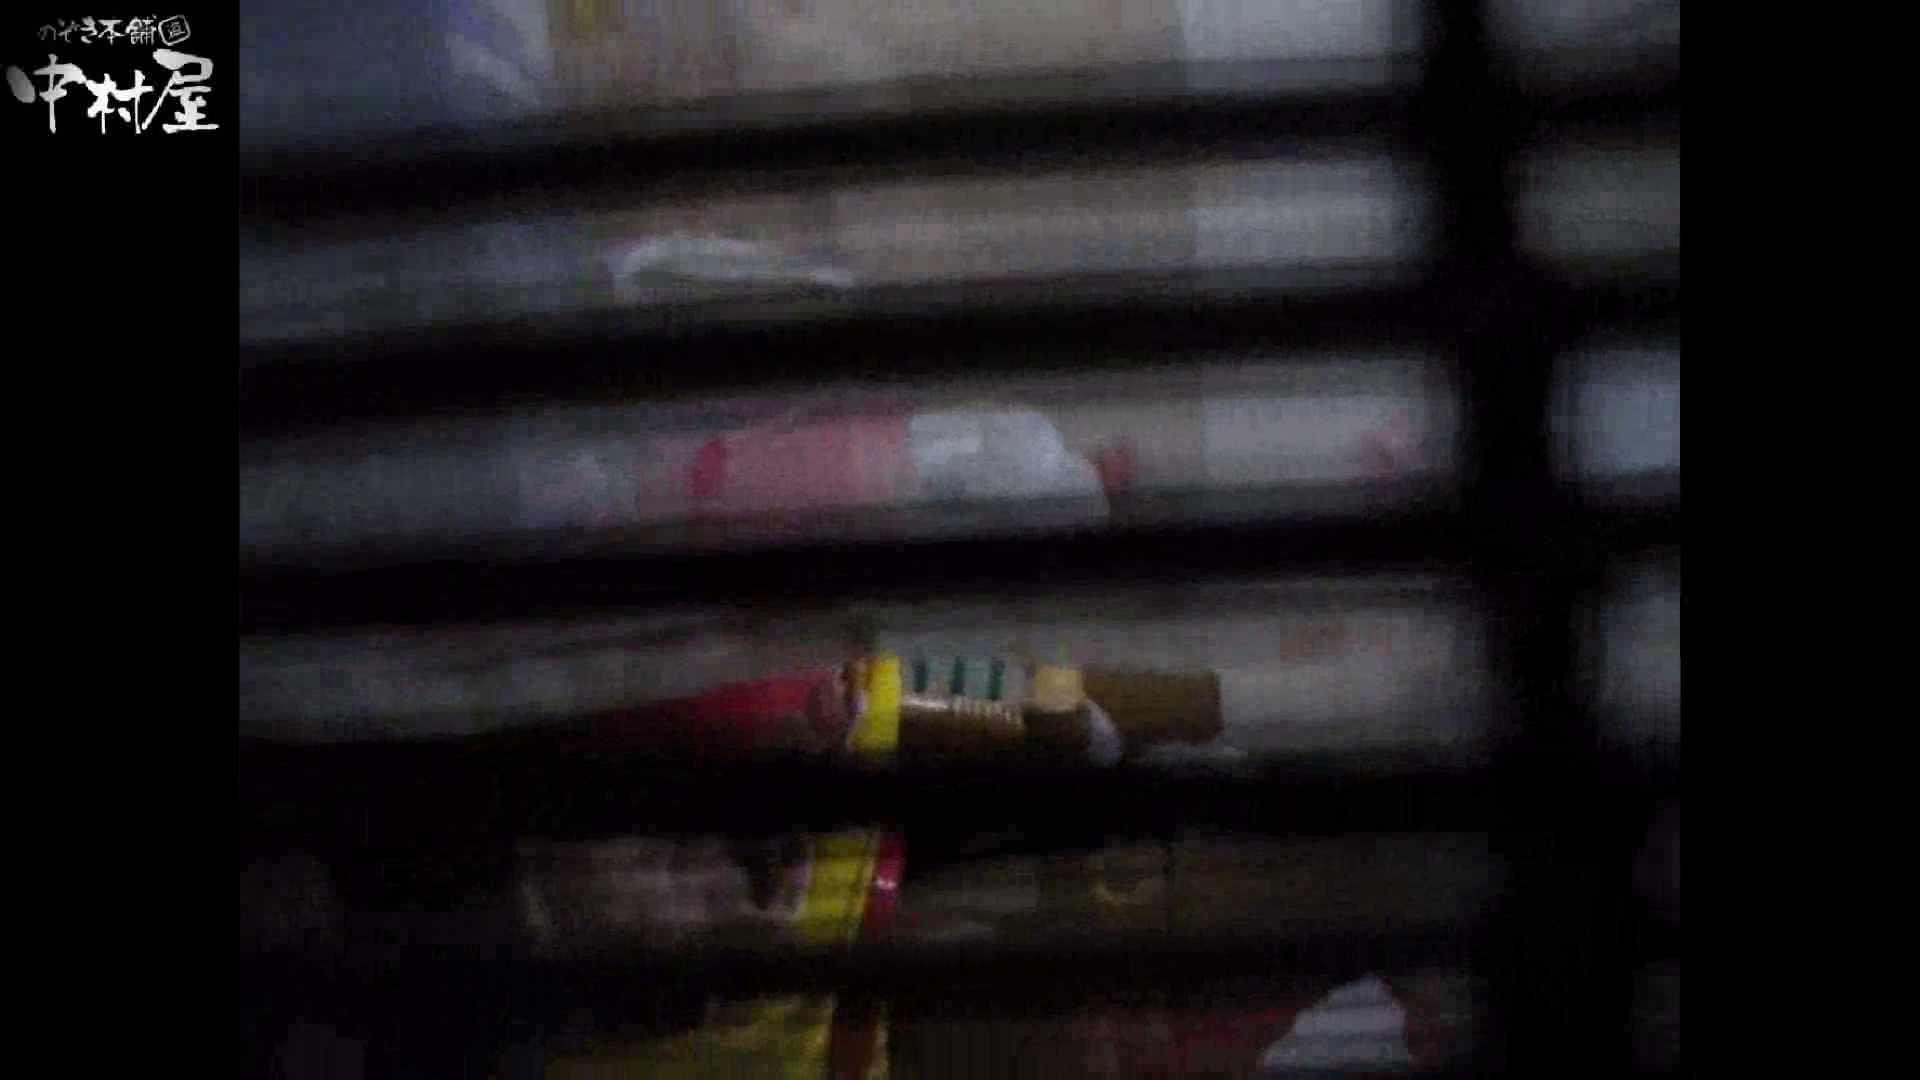 民家風呂専門盗撮師の超危険映像 vol.011 美女まとめ   エロい美少女  107PIX 6